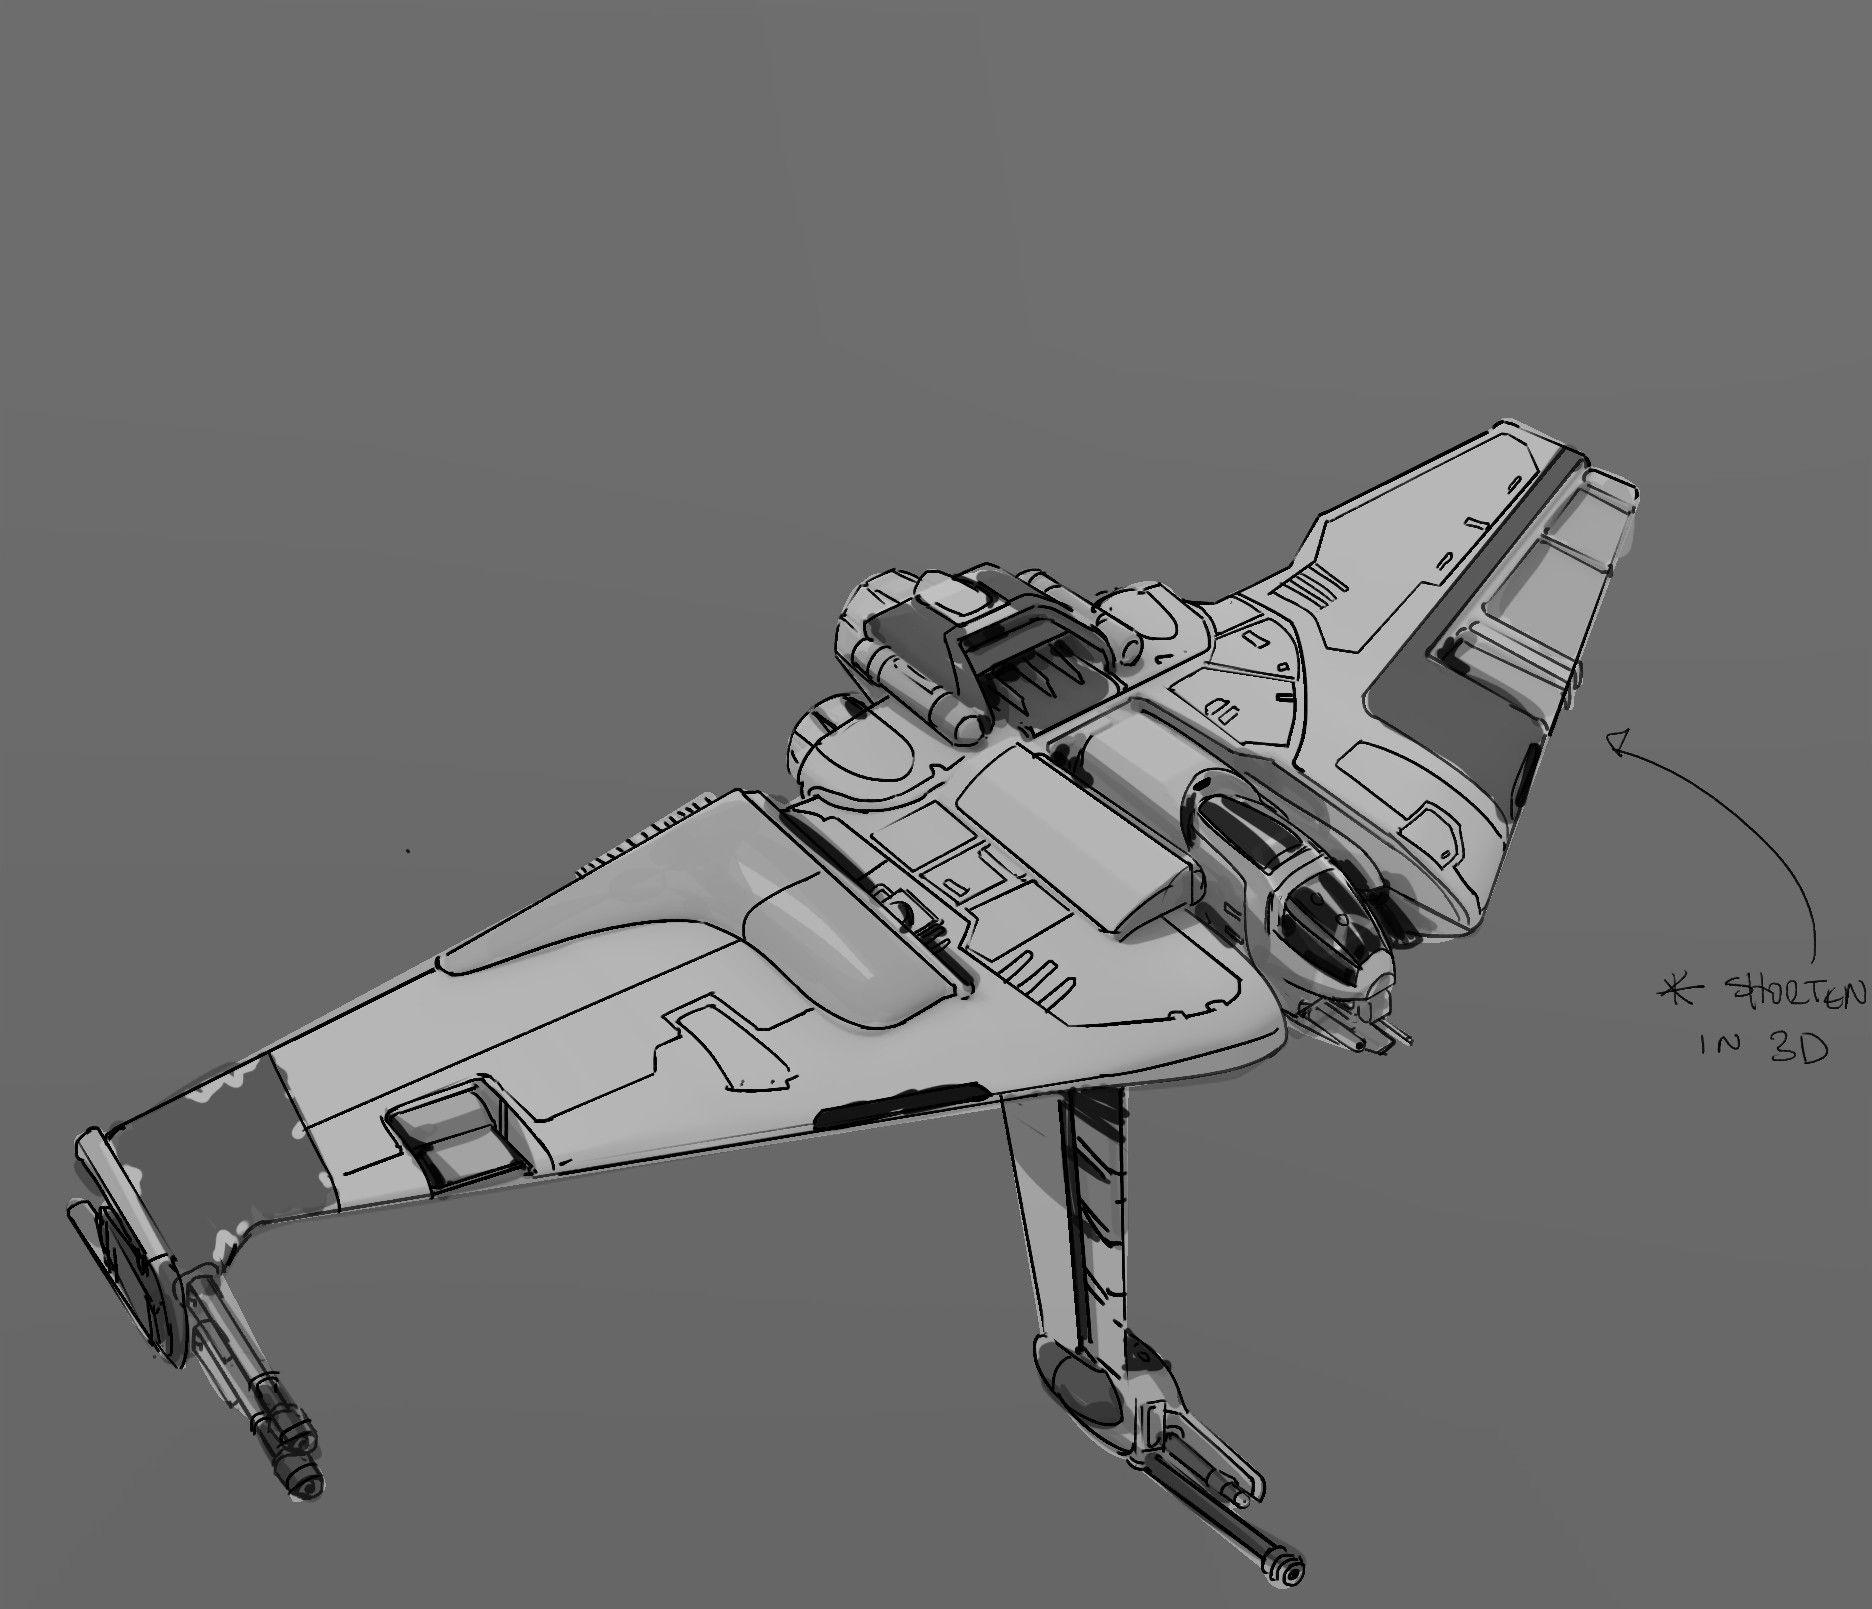 Star Wars Spaceships Concept Art